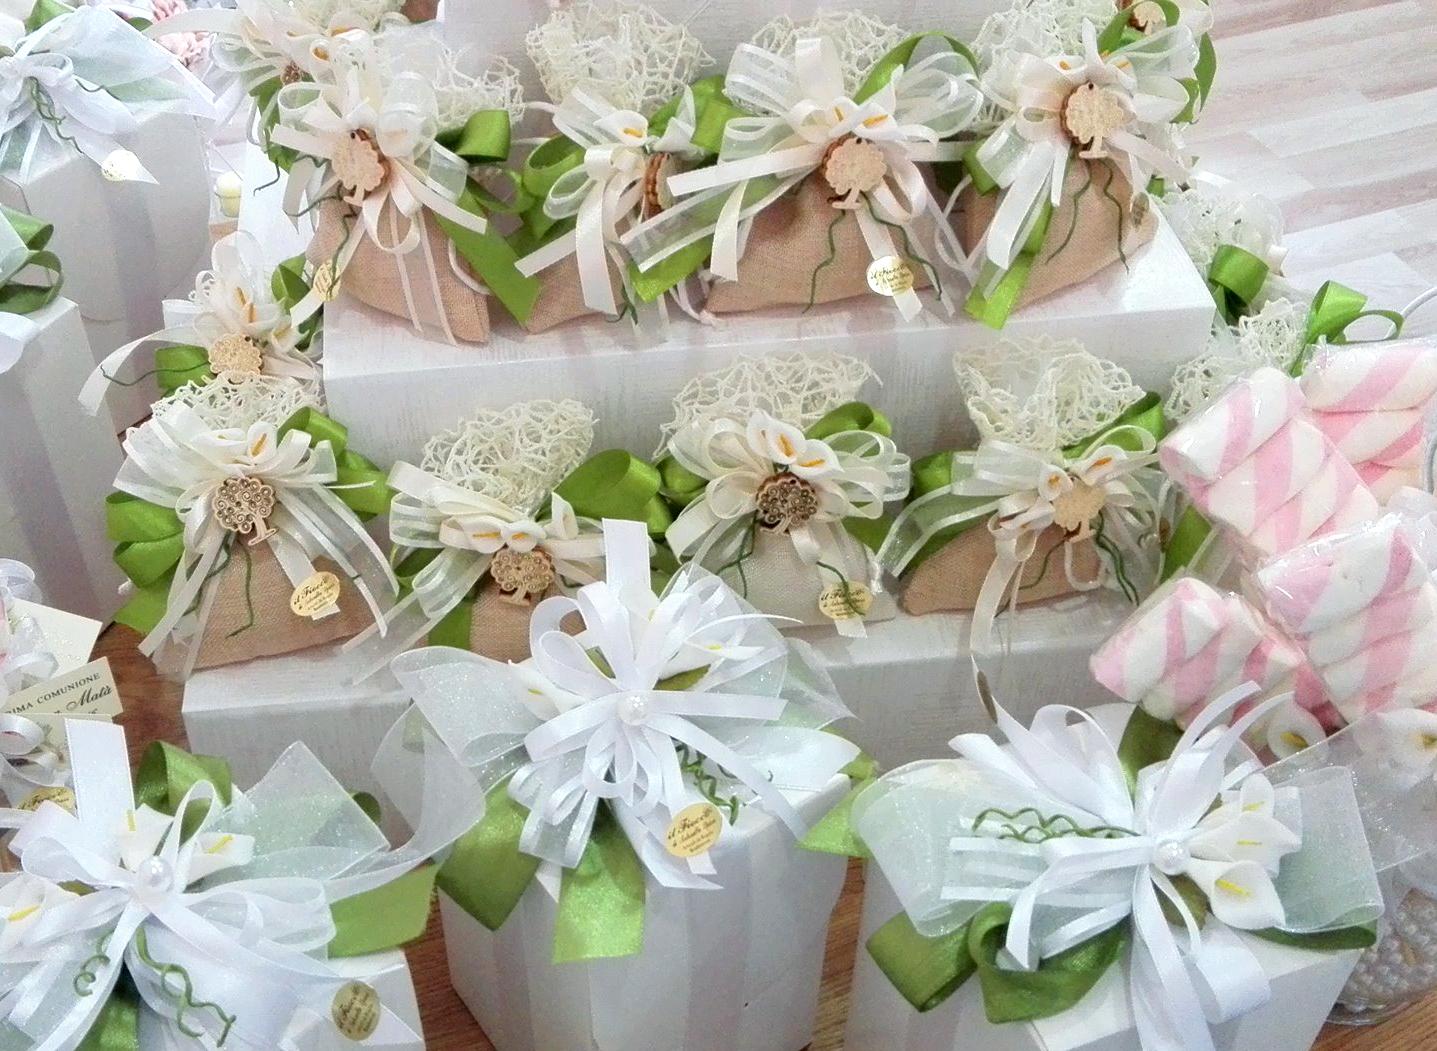 Bomboniere Matrimonio Quanti Confetti.Galateo Dei Confetti Quando Si Danno Le Bomboniere Confetti Crispo